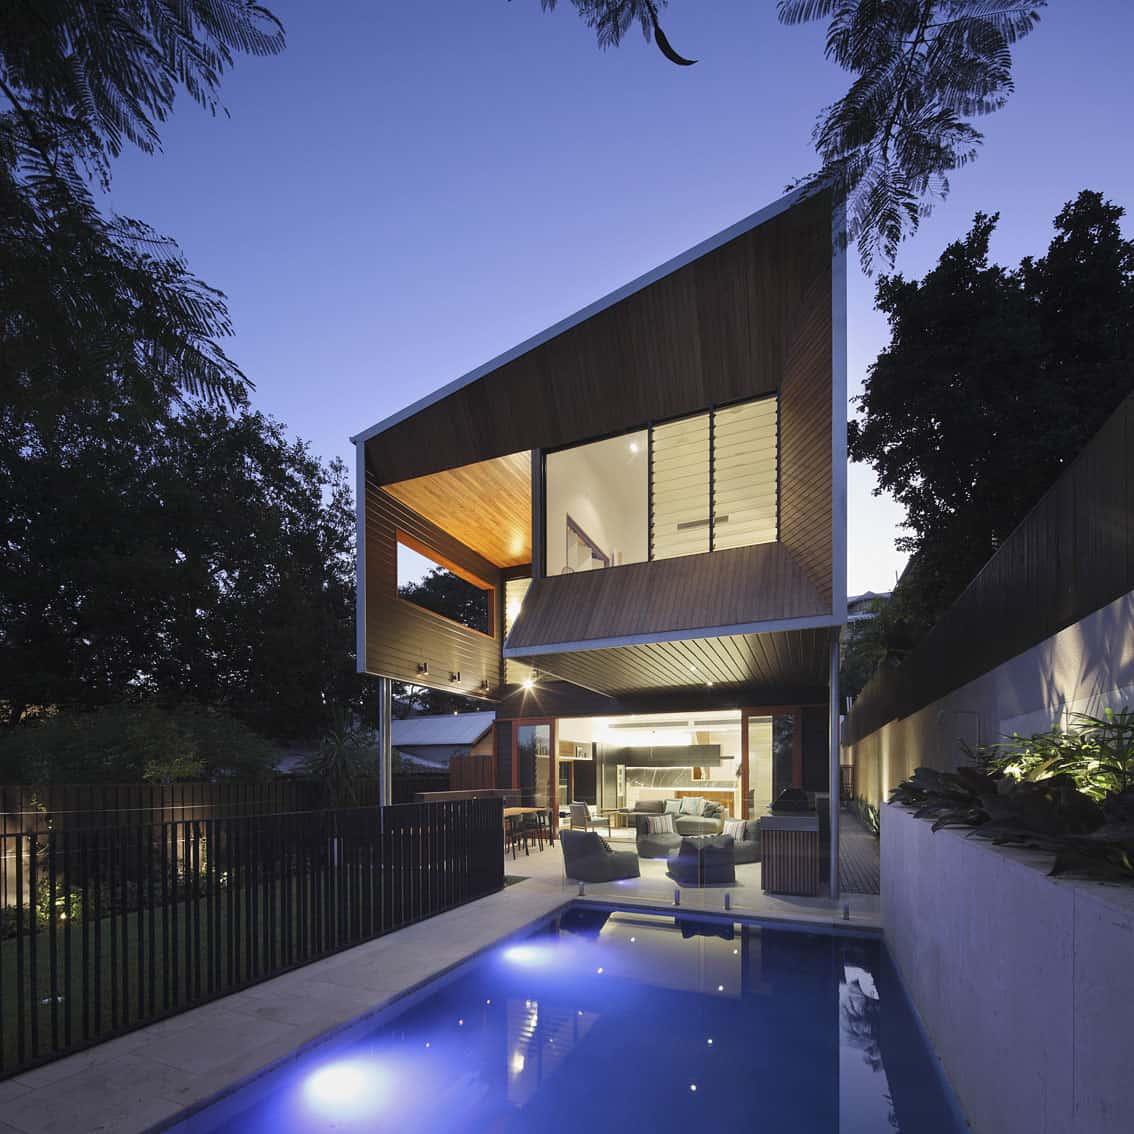 Wilden Street House by Shaun Lockyer Architects